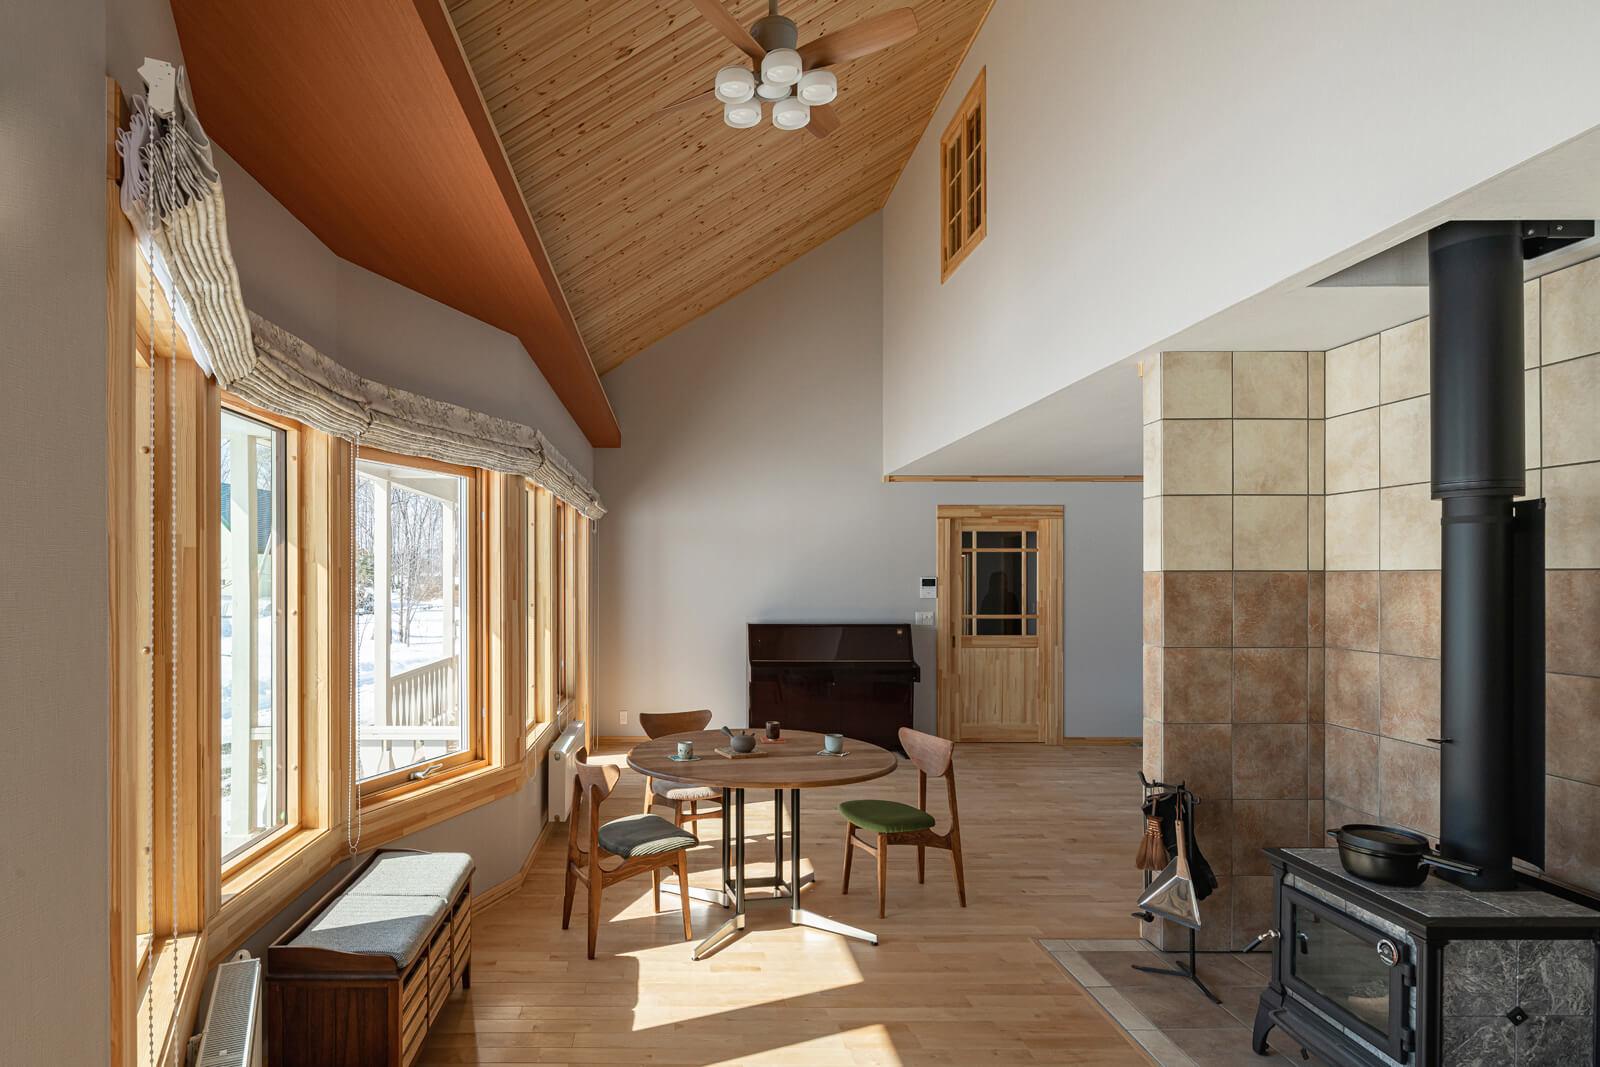 屋根なり天井が心地よい広がり感を演出するリビング・ダイニング。開口を連続して設けた眺めの良いLDKは、Aさんご夫妻のお気に入りのくつろぎスペースになった。壁に配したピアノは「子育ての思い出として」横浜から運んだもの